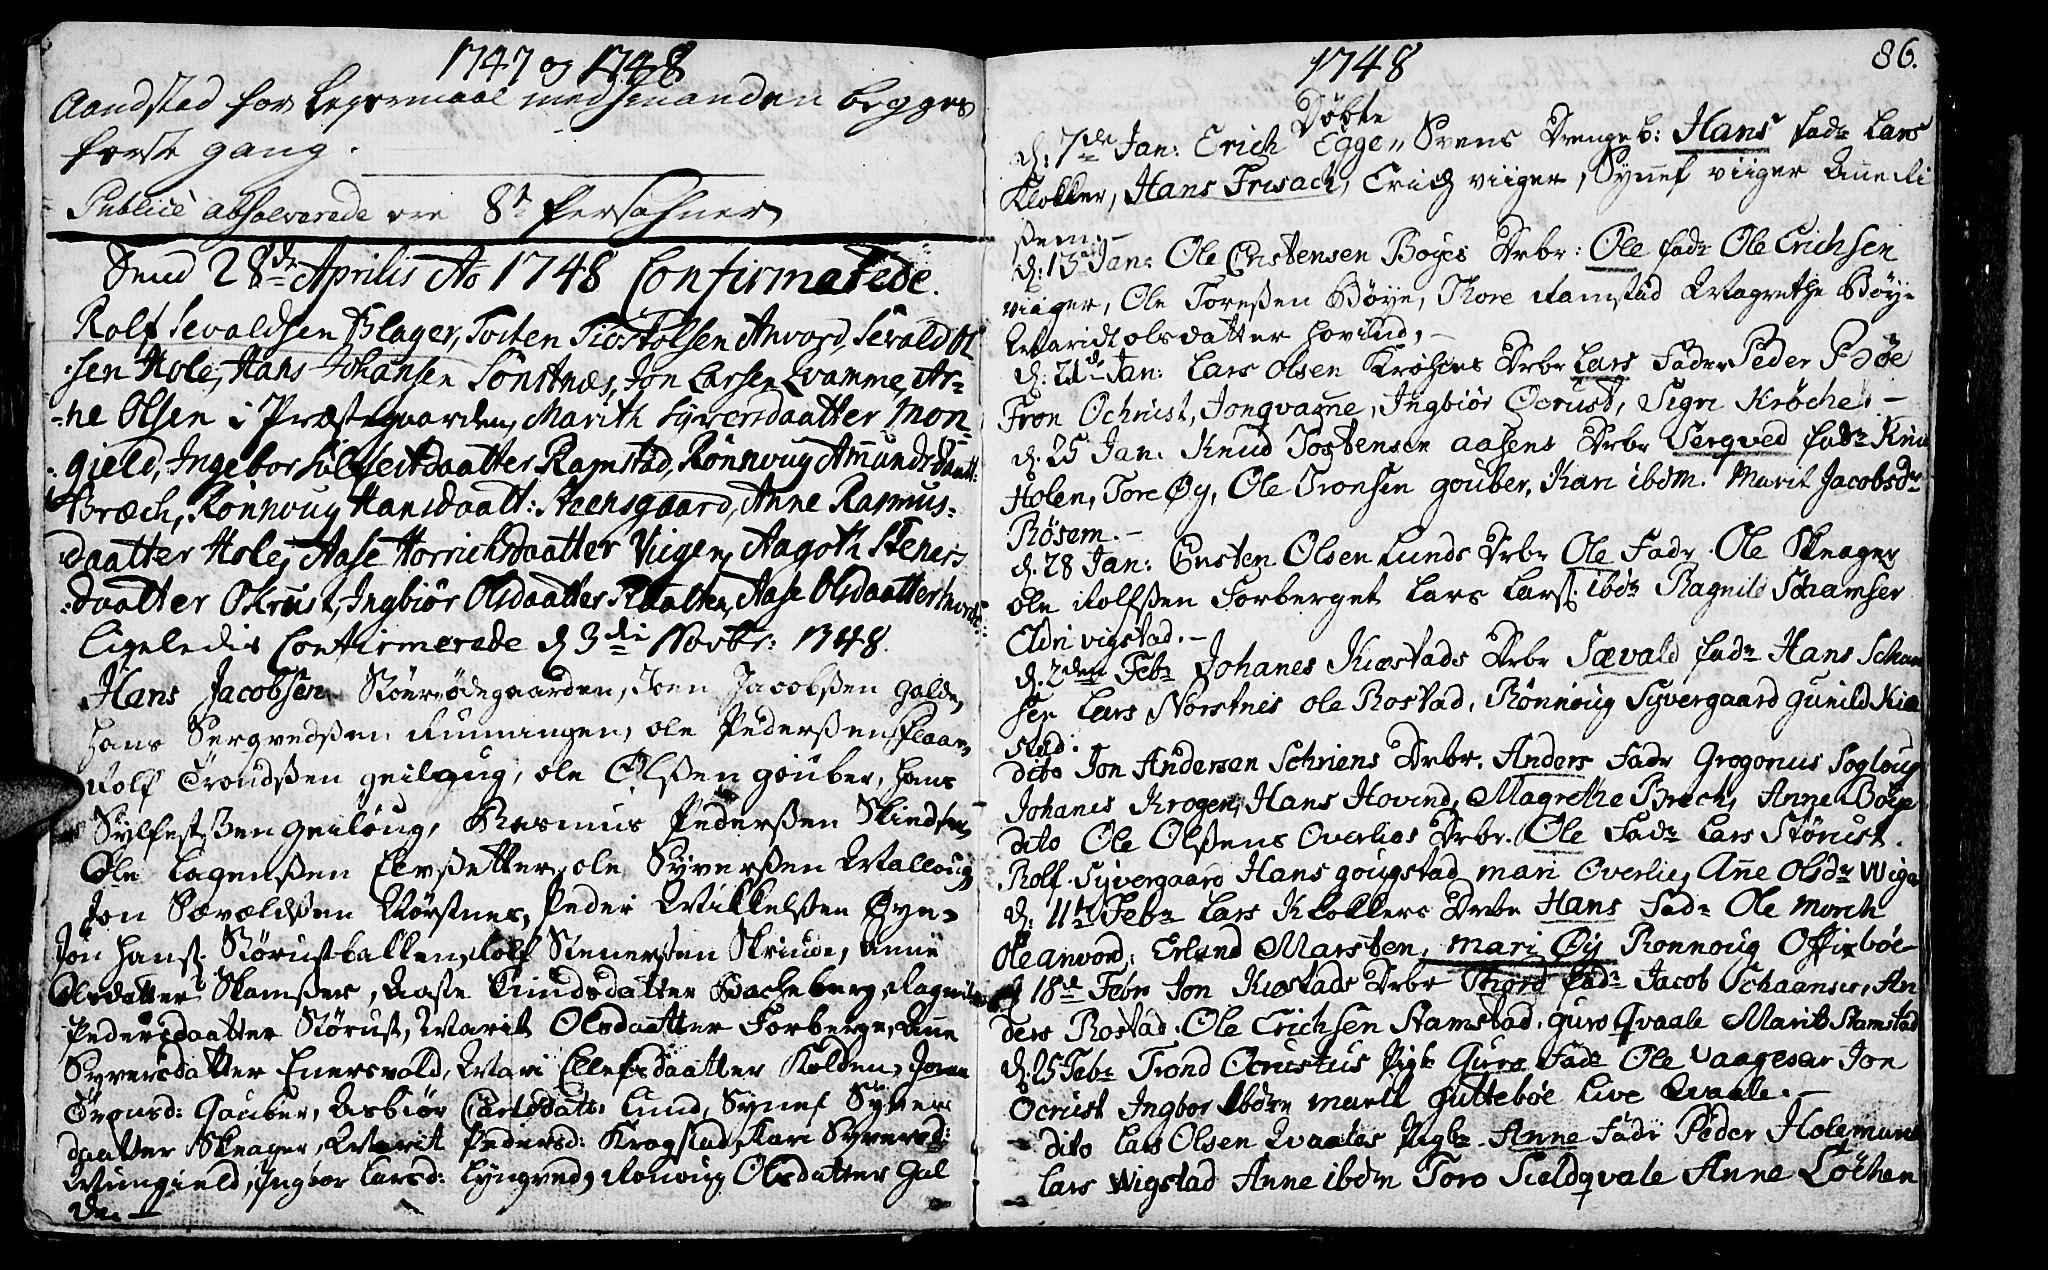 SAH, Lom prestekontor, K/L0001: Ministerialbok nr. 1, 1733-1748, s. 86